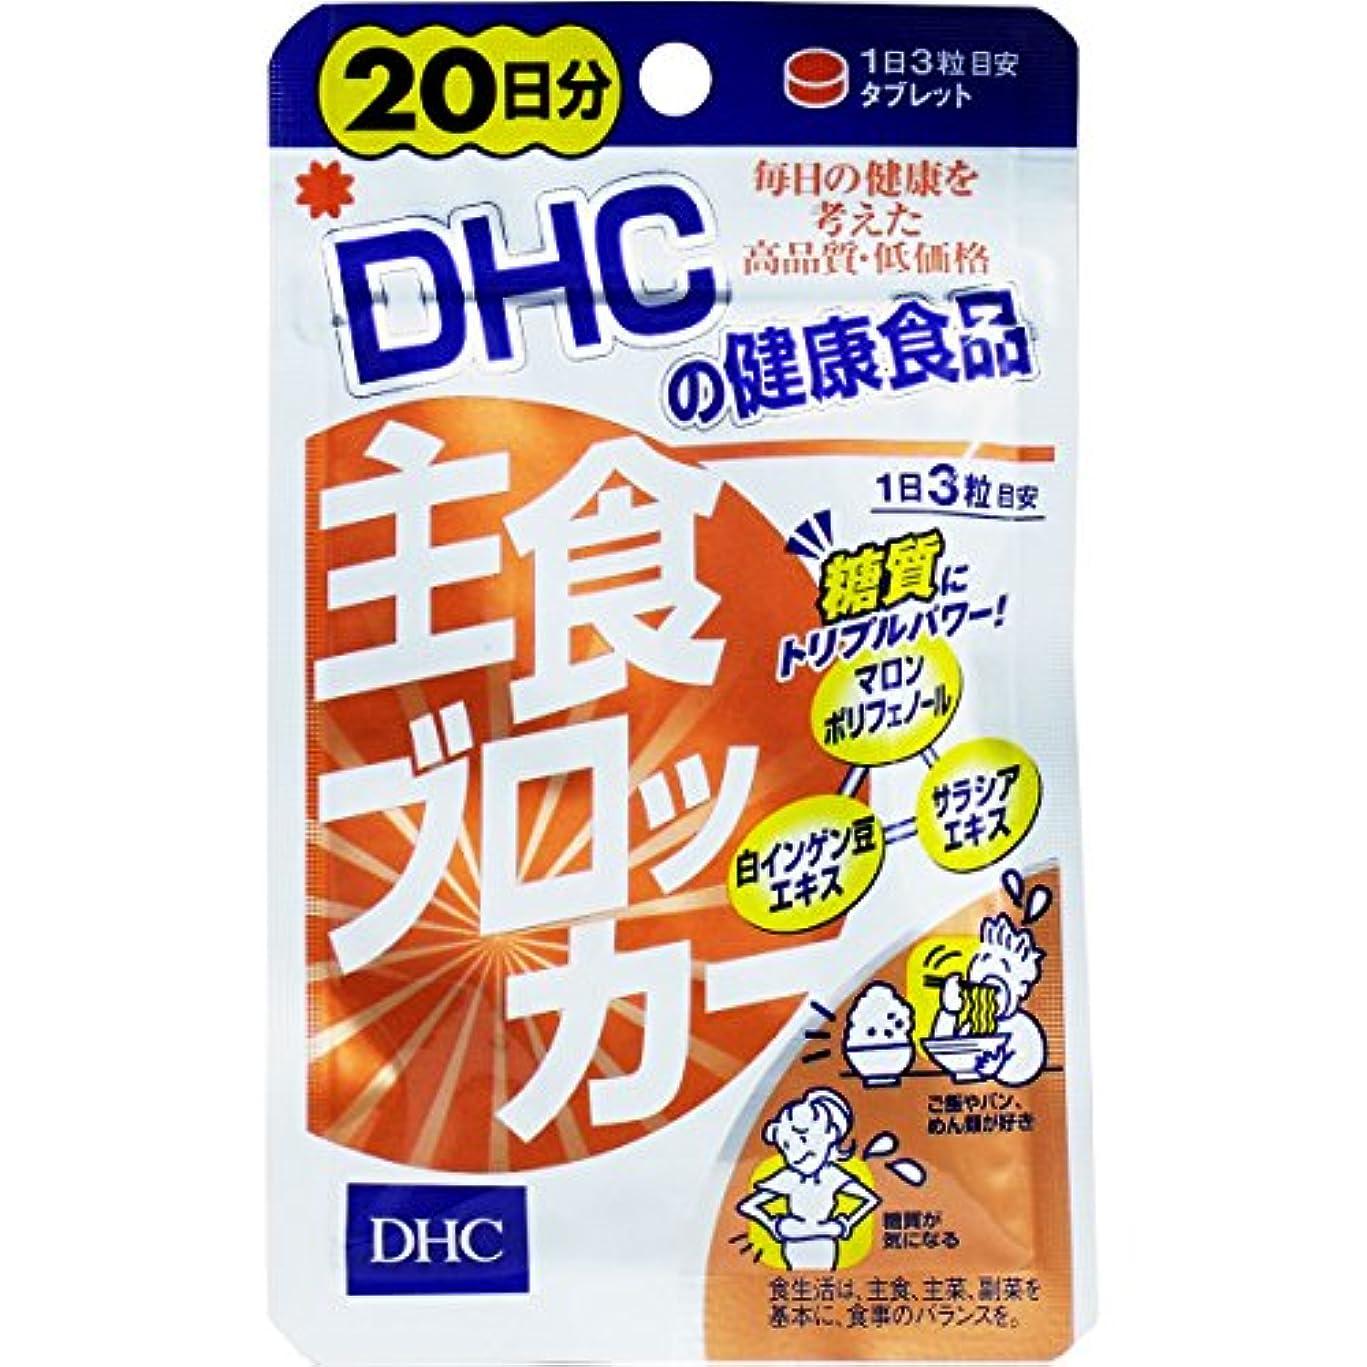 慰め巨大プロフィールダイエット トリプルパワーでため込み対策 栄養機能食品 DHC 主食ブロッカー 20日分 60粒入【5個セット】